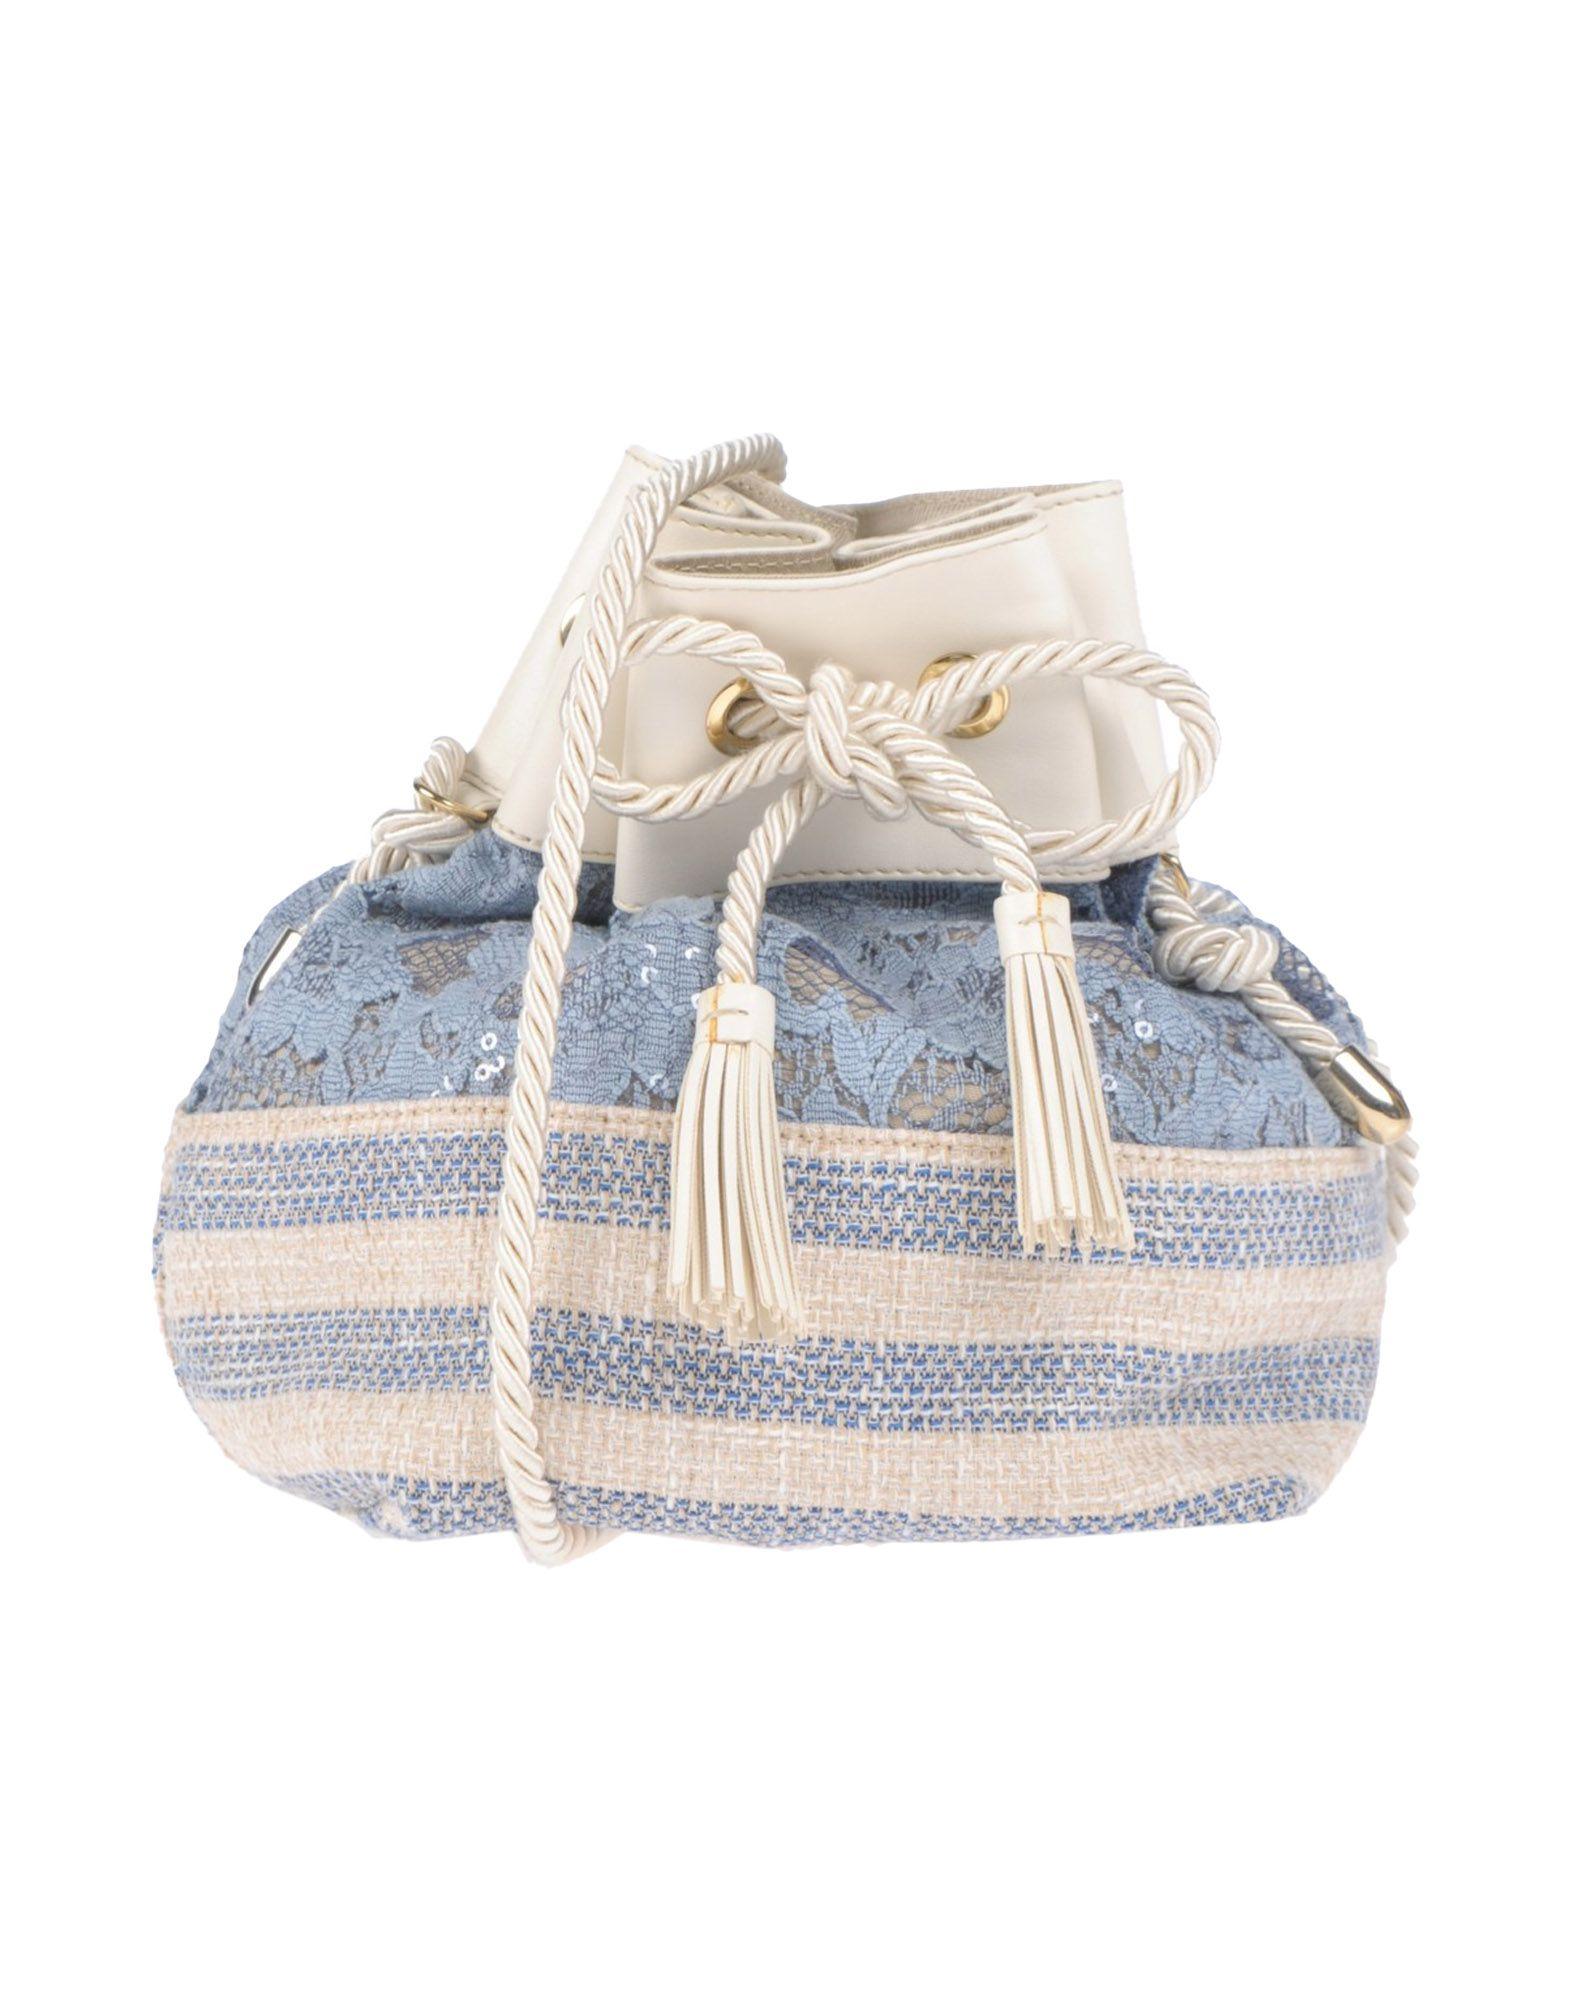 JAKIOO Сумка на руку sammons sammons мужской заголовок слой кожи плеча мешок человек сумка досуг сумка 190263 01 черный